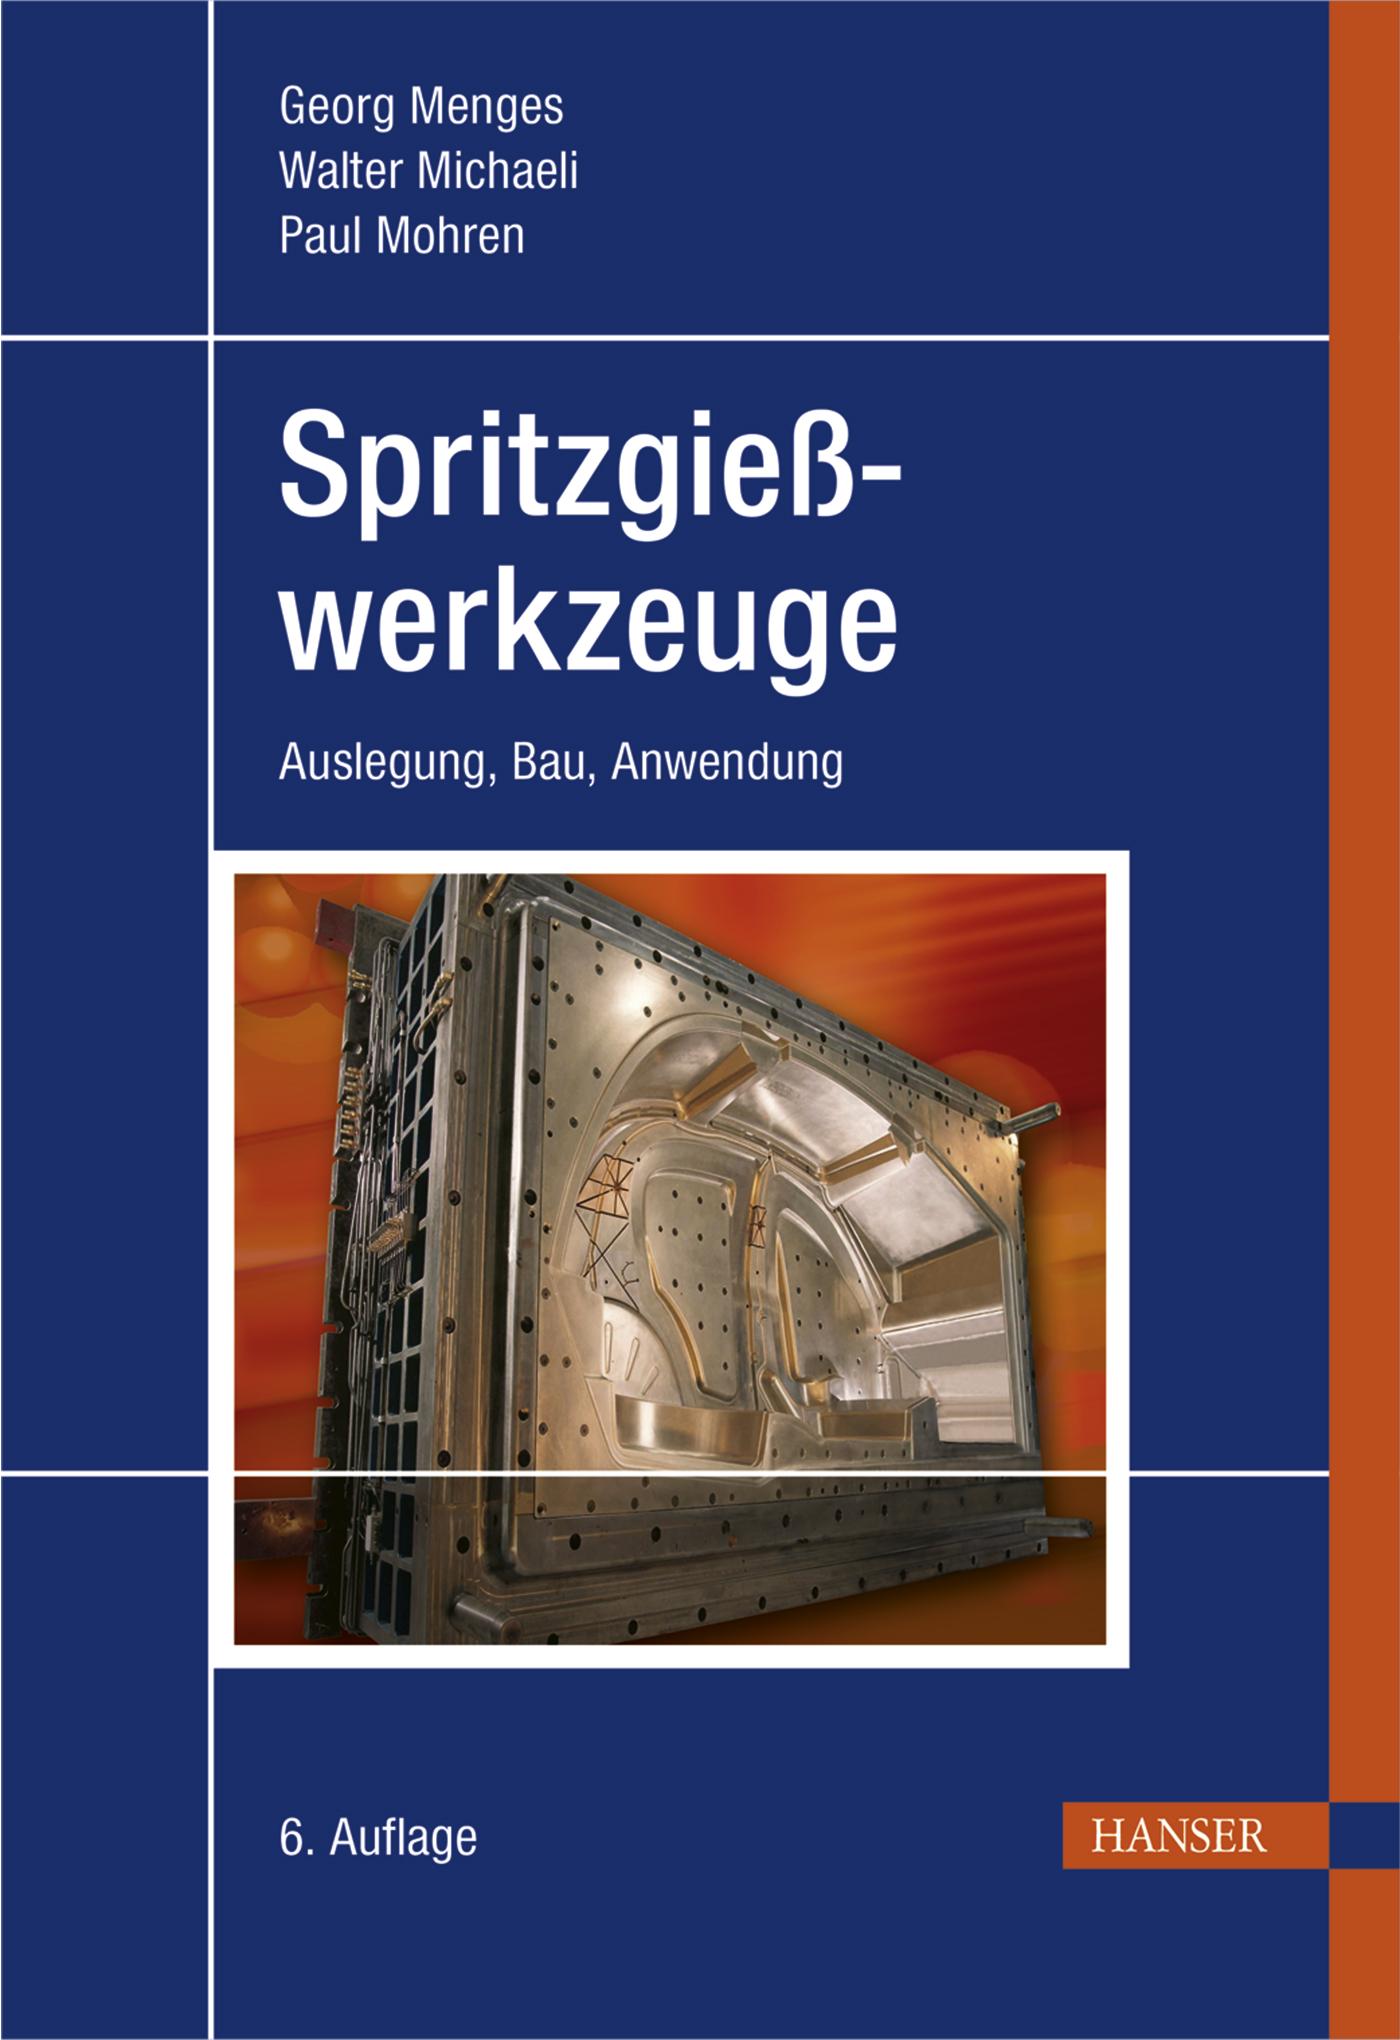 Menges, Michaeli, Mohren, Spritzgießwerkzeuge, 978-3-446-40601-8